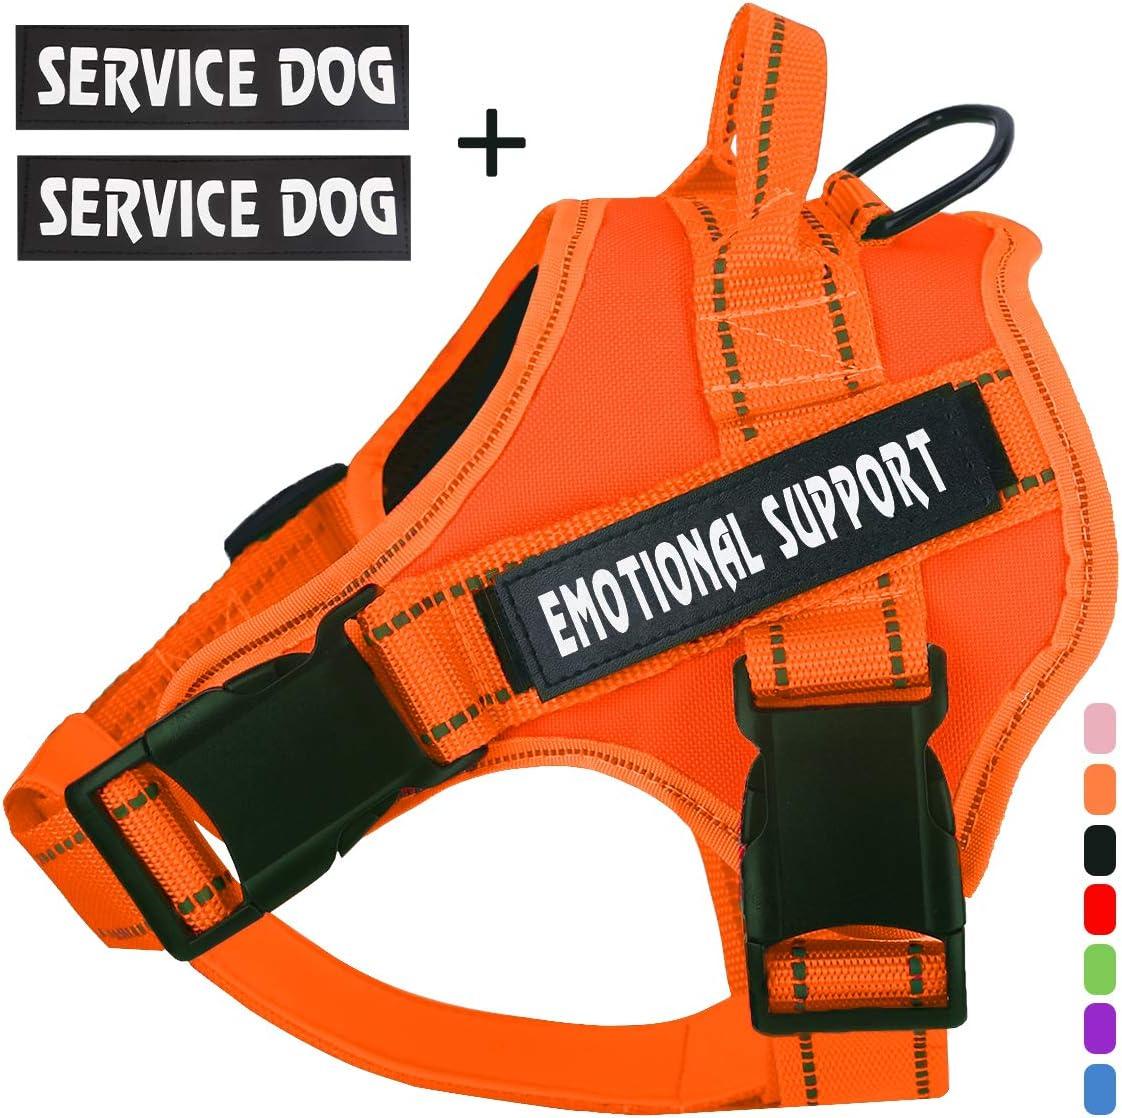 PET EMOTIONAL THERAPY PTSD MESH SERVICE DOG VEST REMOVABLE REFLECTIVE PATCH MA#